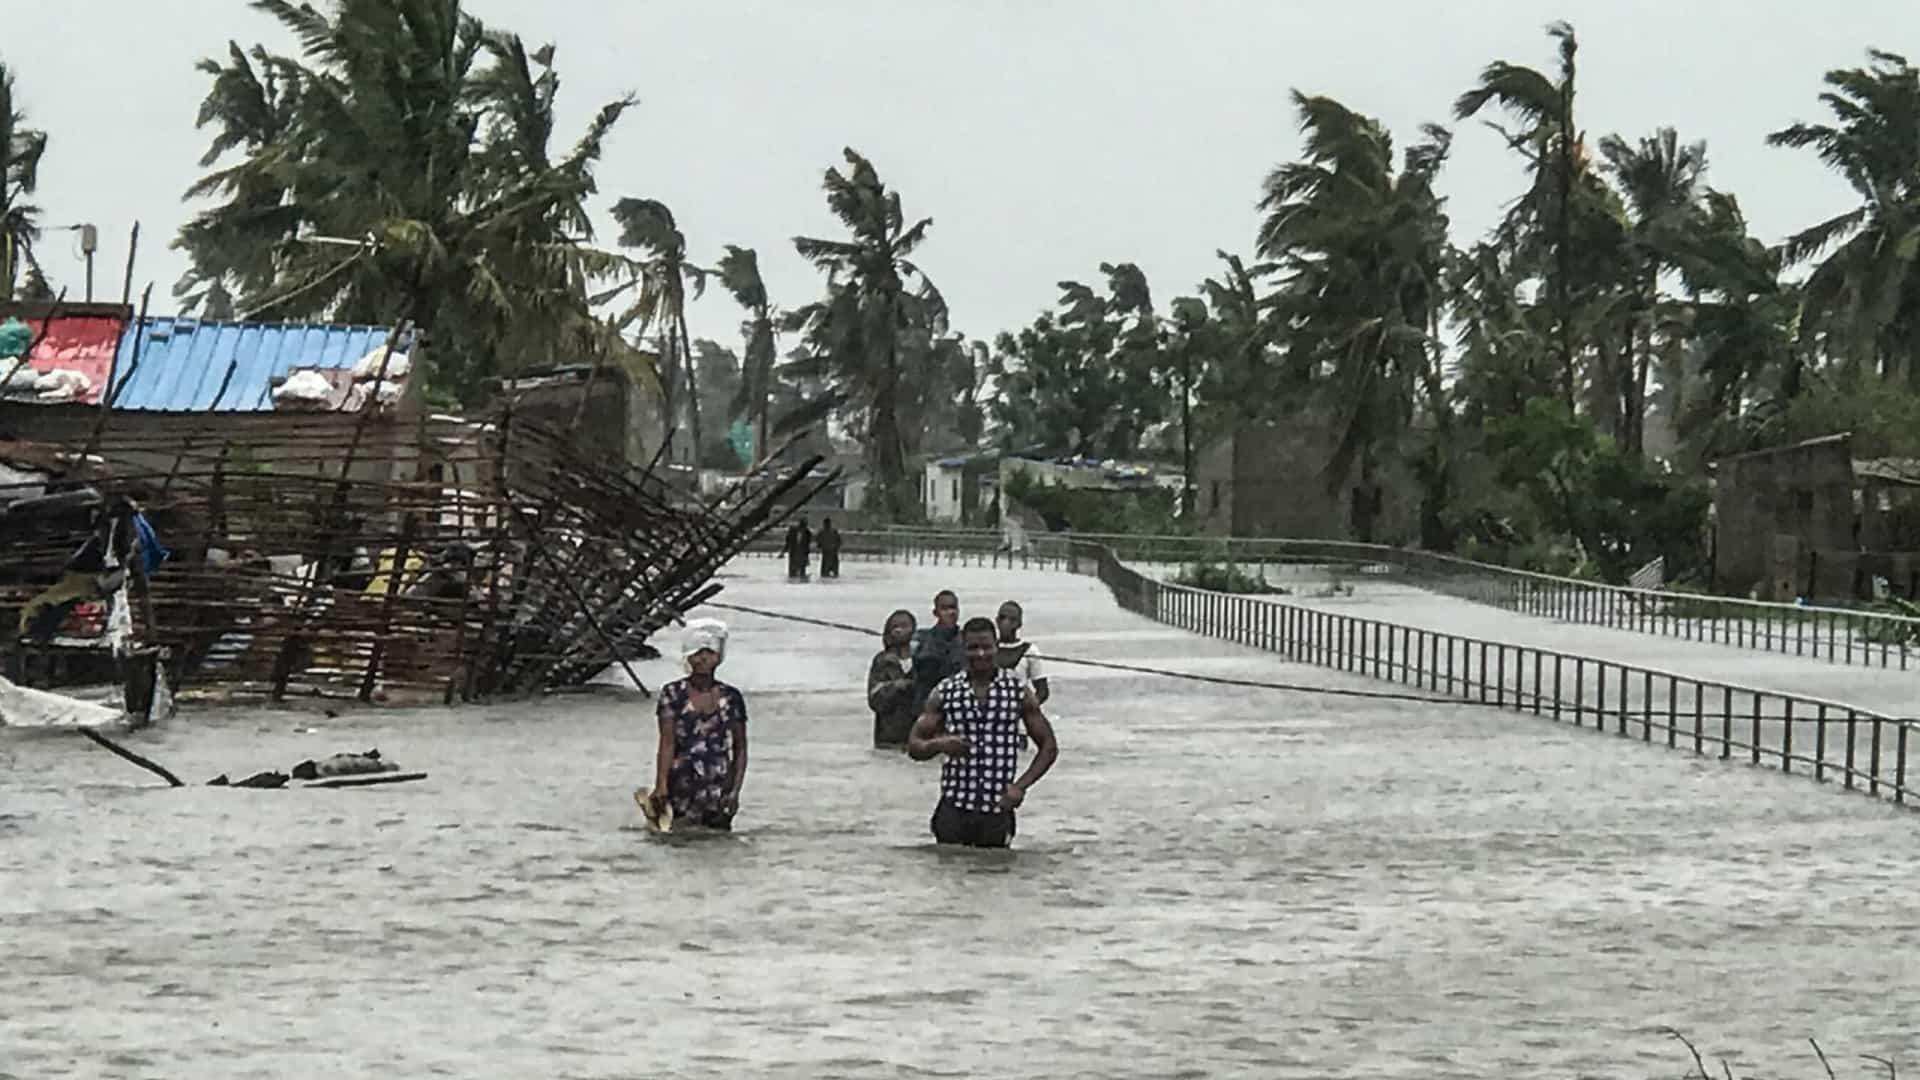 Proteção civil moçambicana alerta para a saída da população de zonas baixas devido à aproximação de uma depressão tropical.